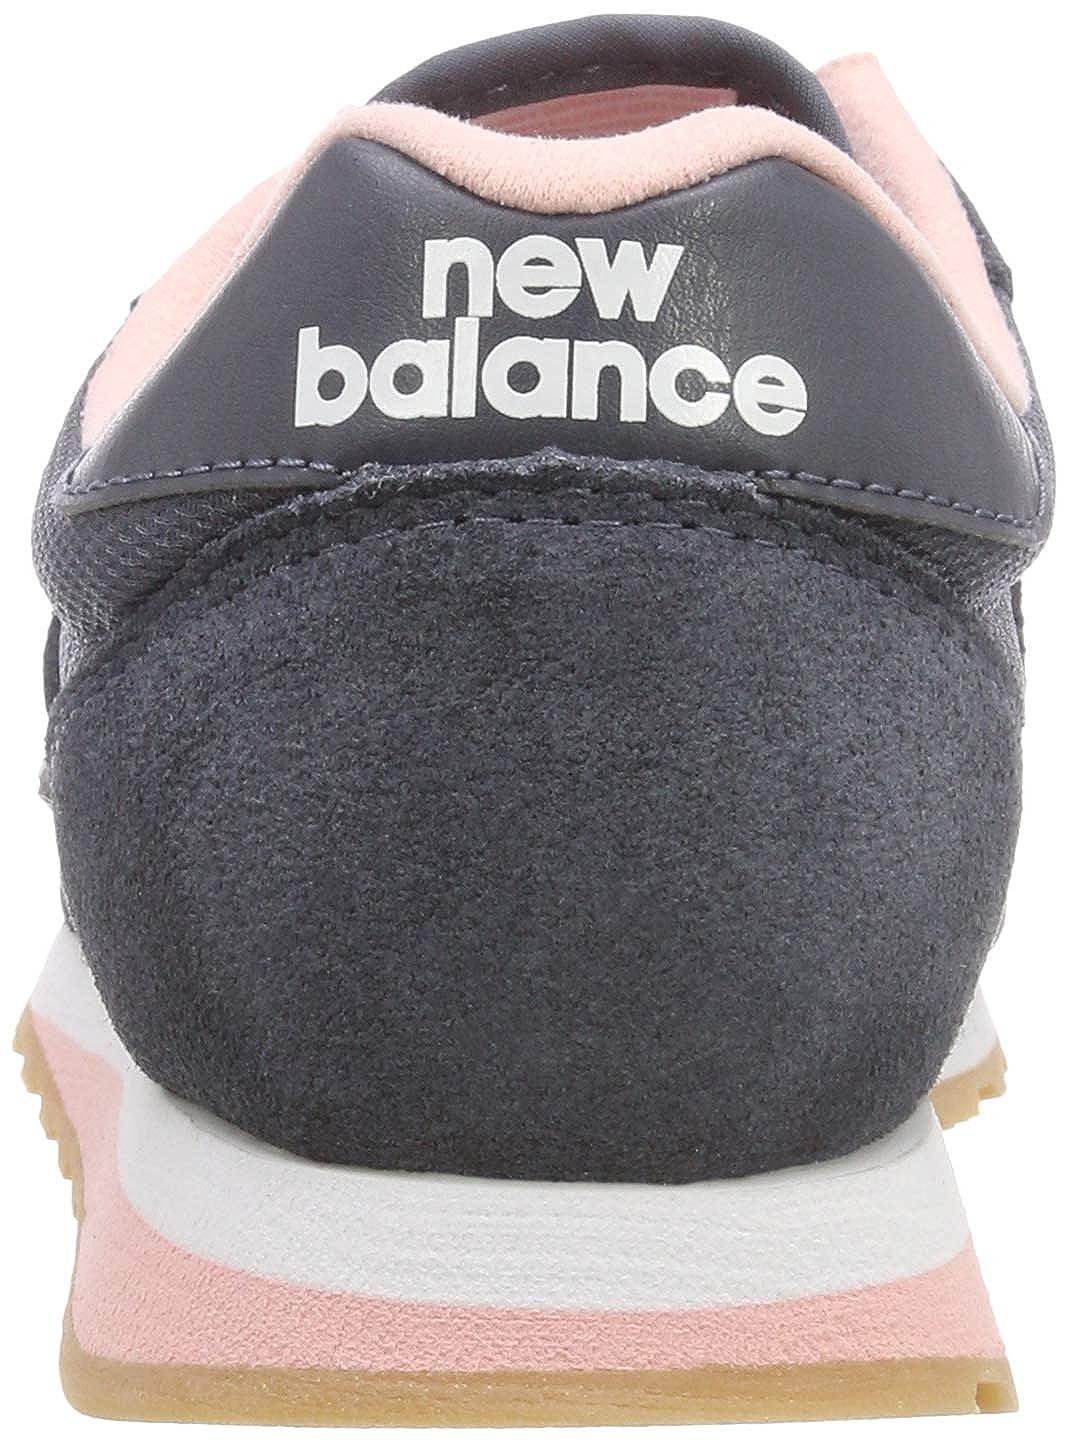 New Balance Wl520ch, Scarpe da Ginnastica Basse Donna